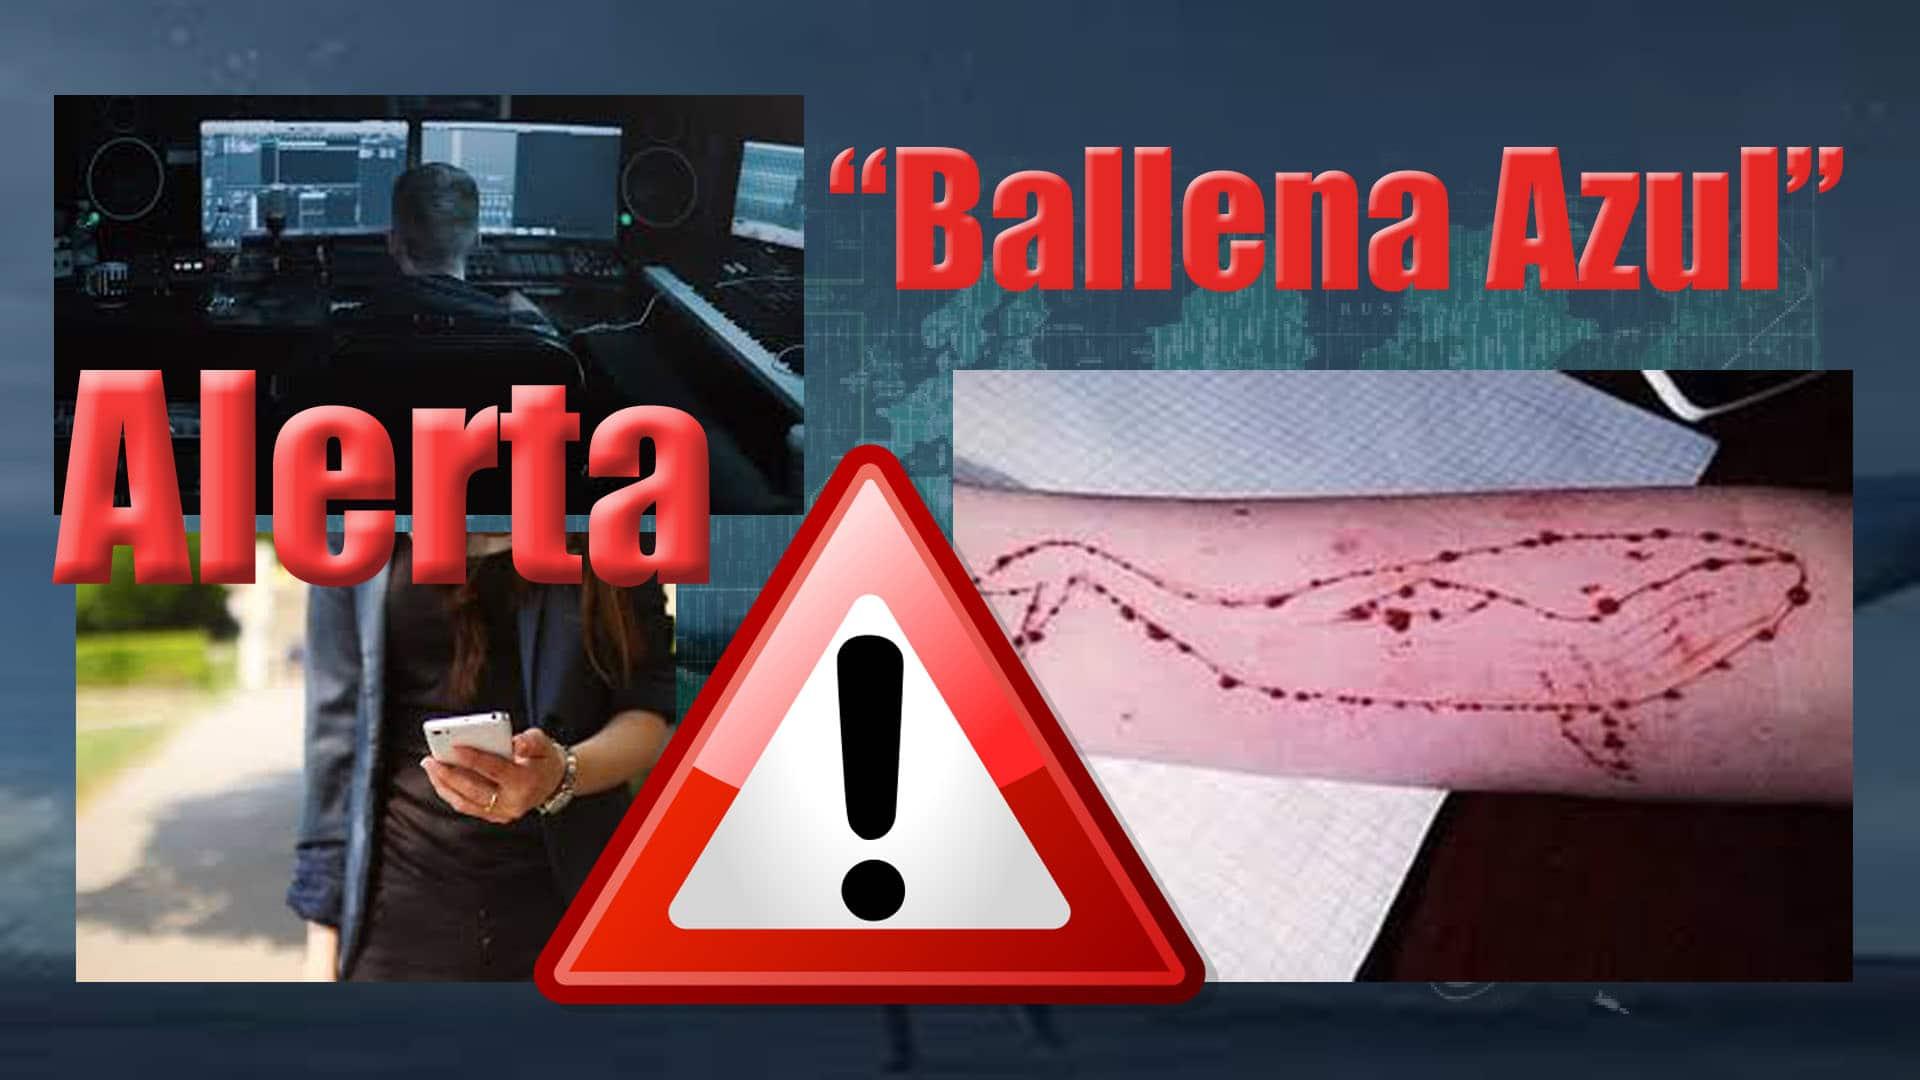 Alerta jóvenes: El mortal reto de la ballena azul llega a las redes sociales